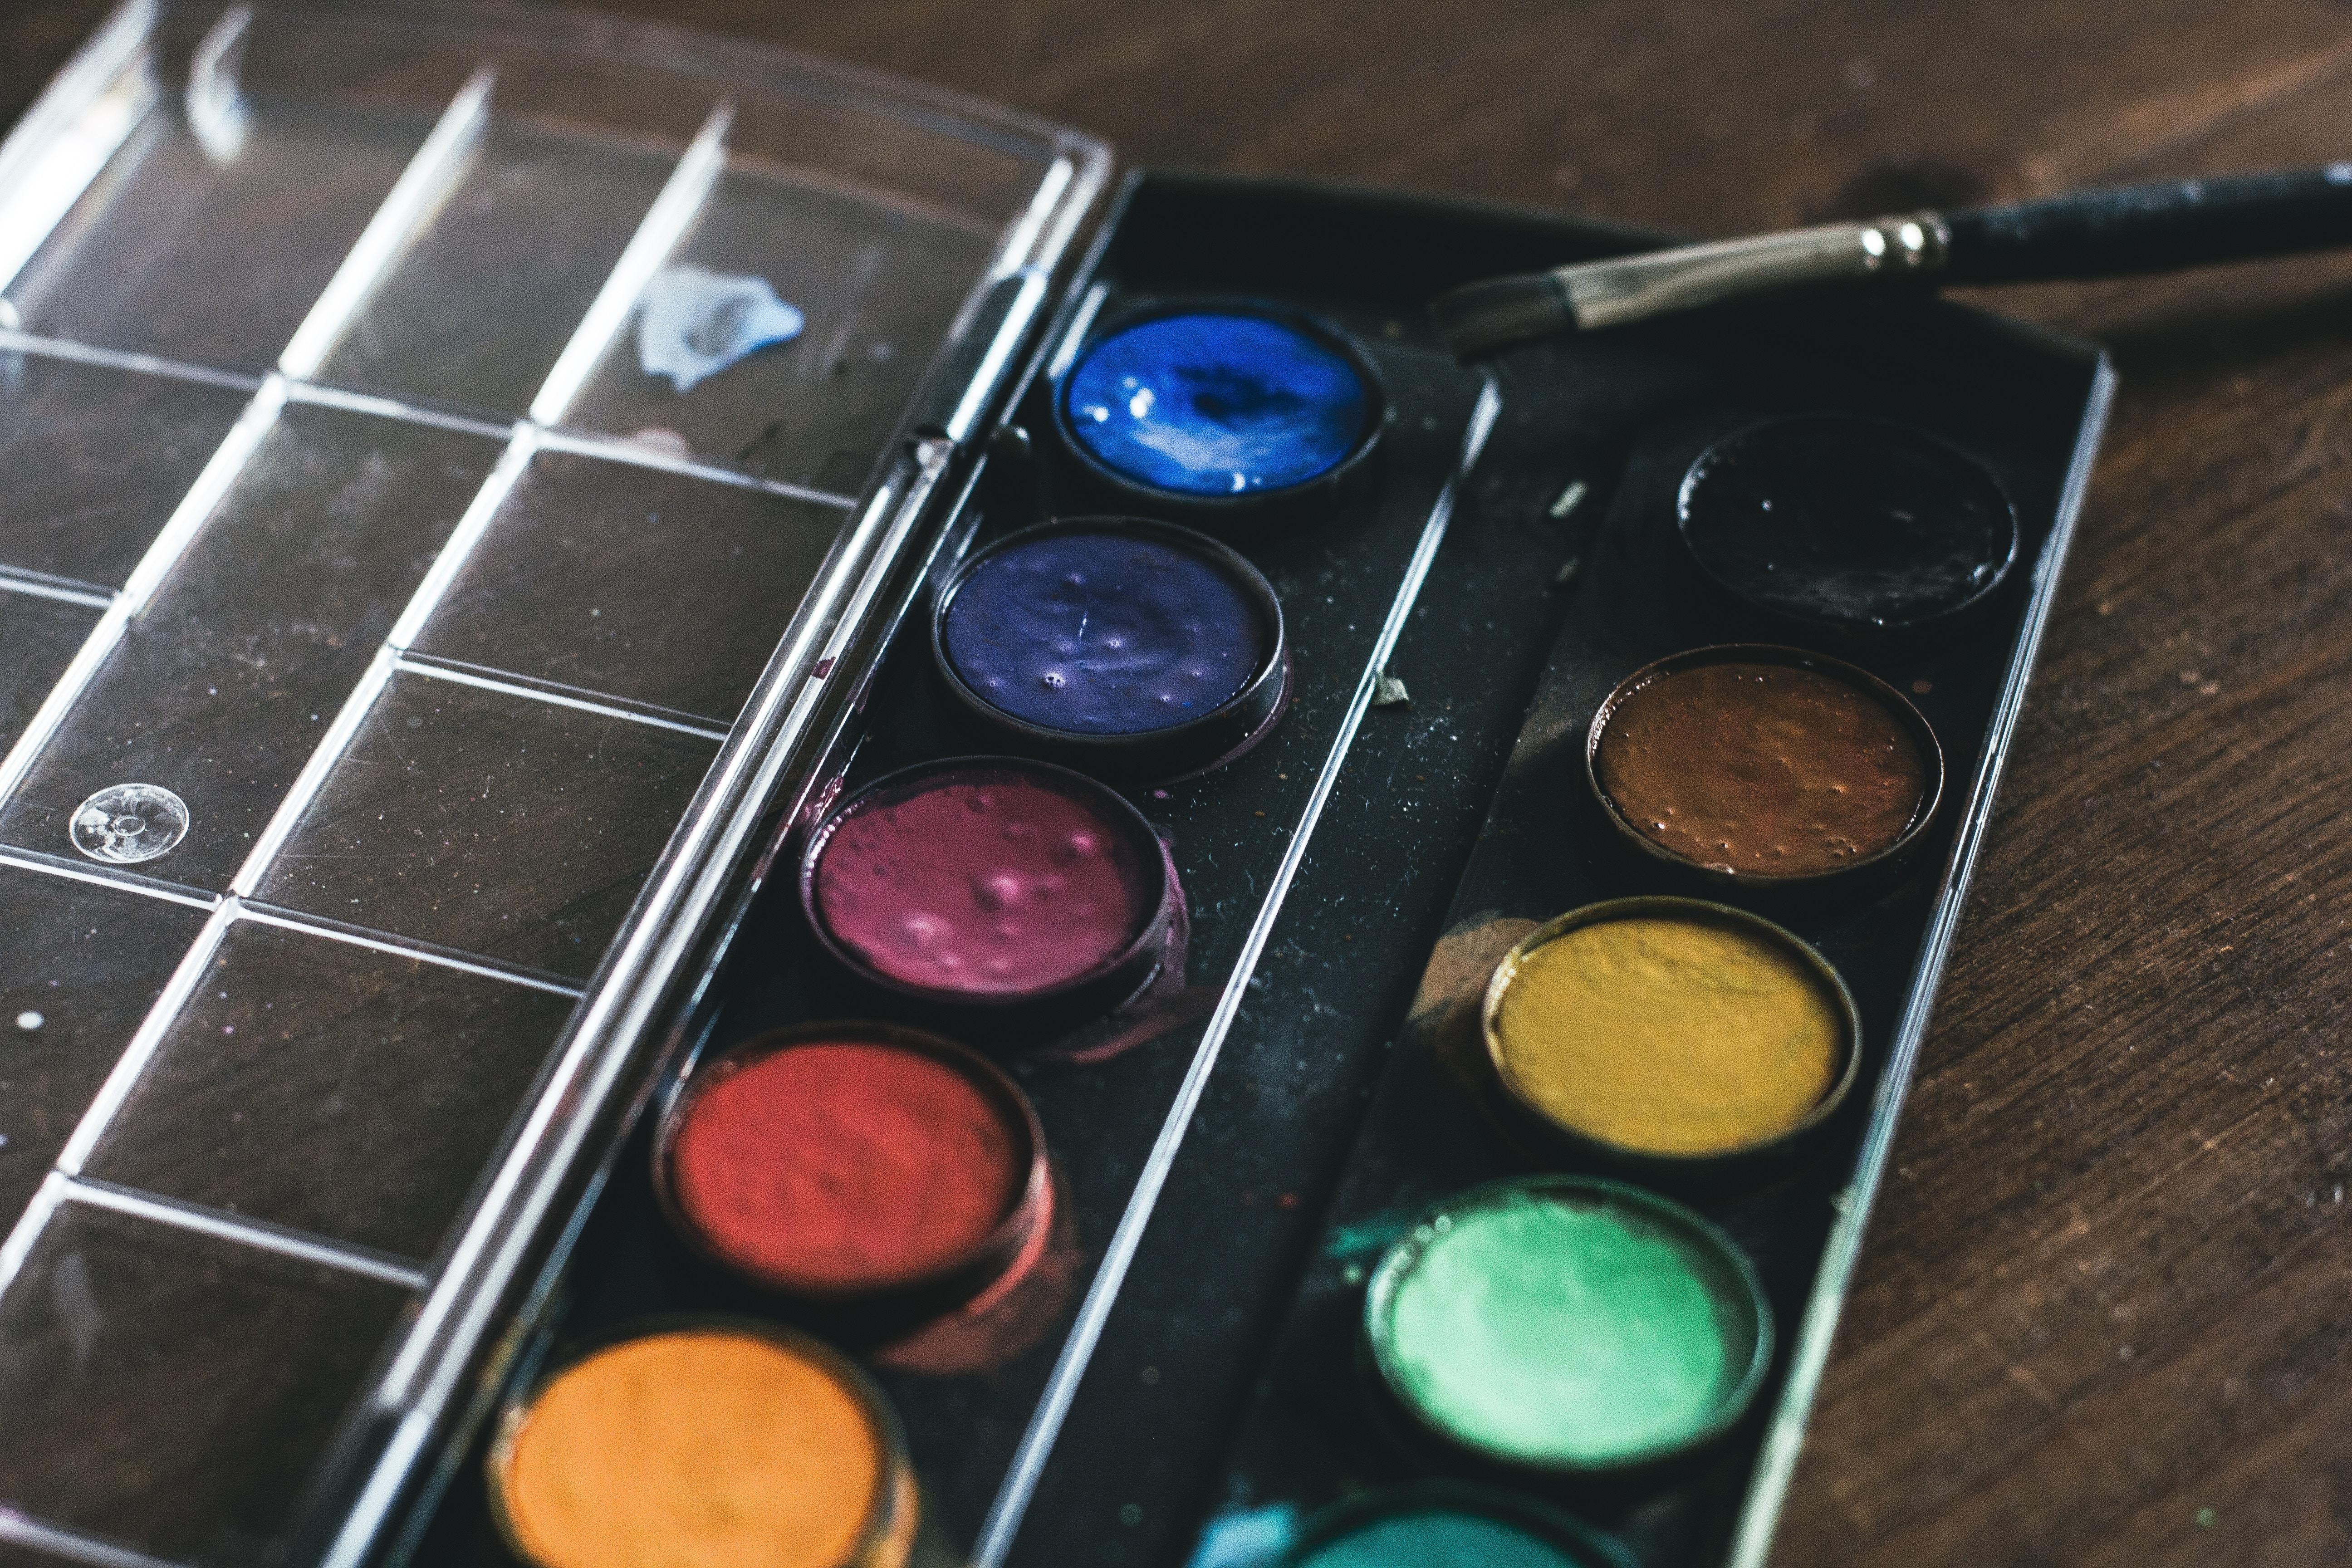 119250 Hintergrundbild herunterladen Künstler, Verschiedenes, Sonstige, Farben, Bürste, Palette, Quaste - Bildschirmschoner und Bilder kostenlos